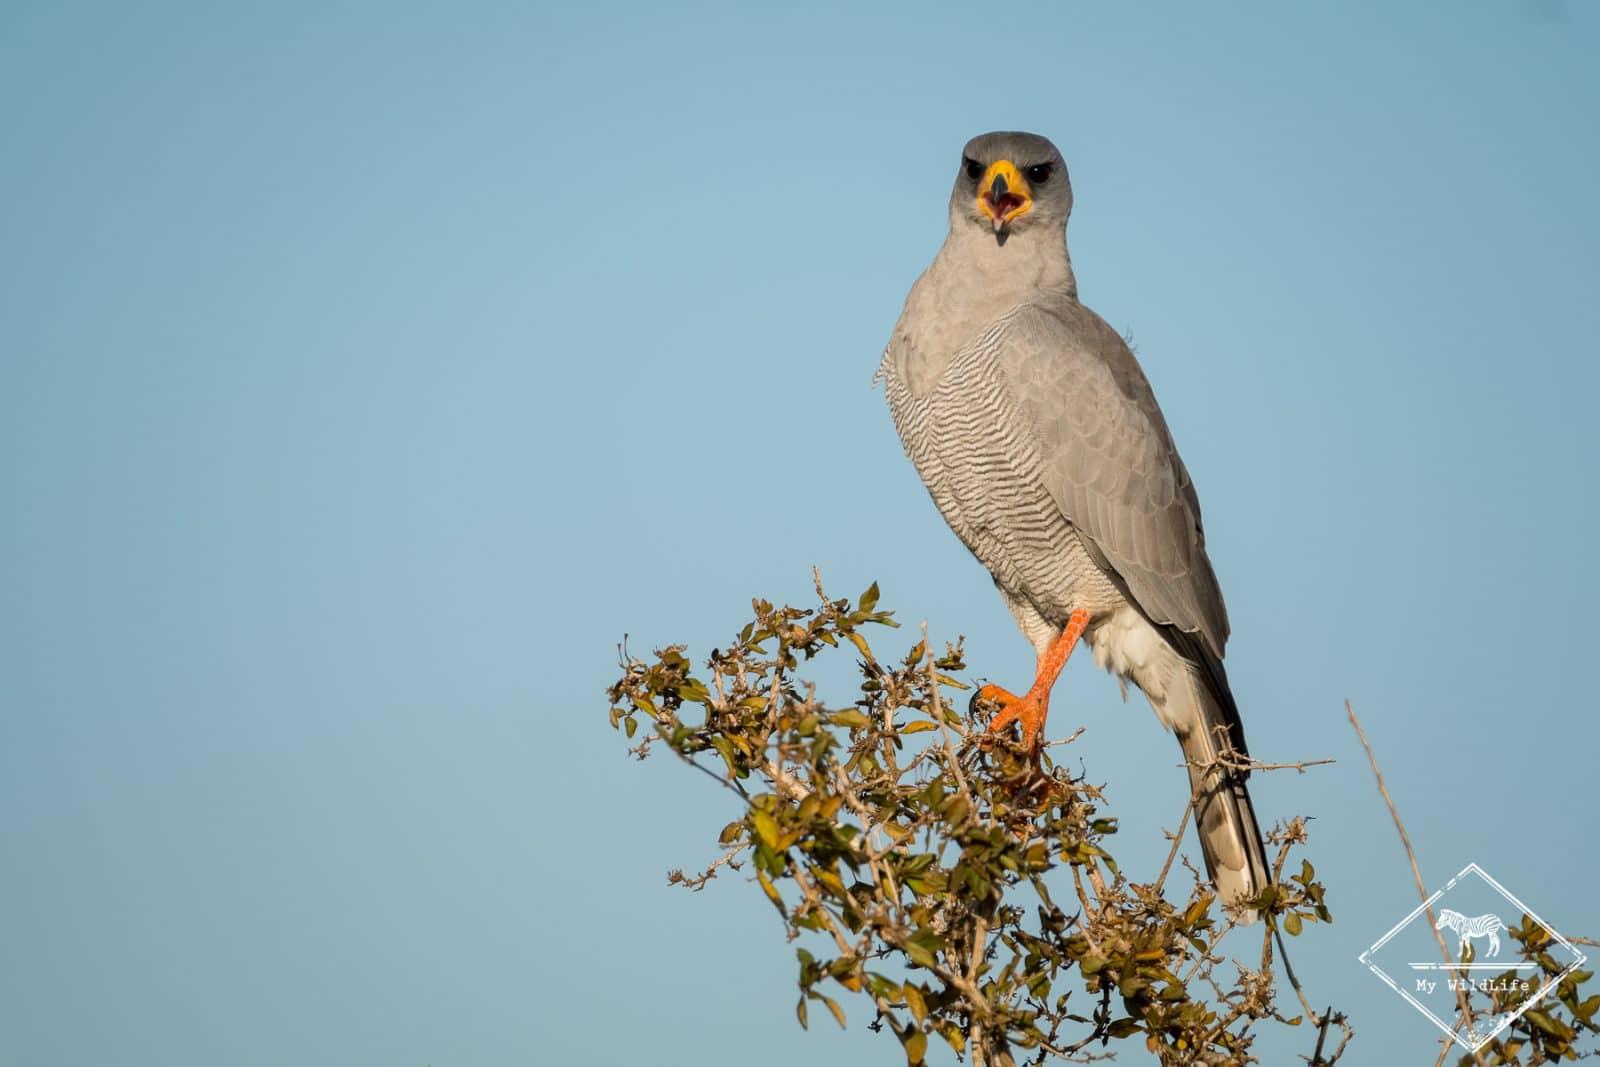 Autour à ailes grises,safari à Tsavo Ouest